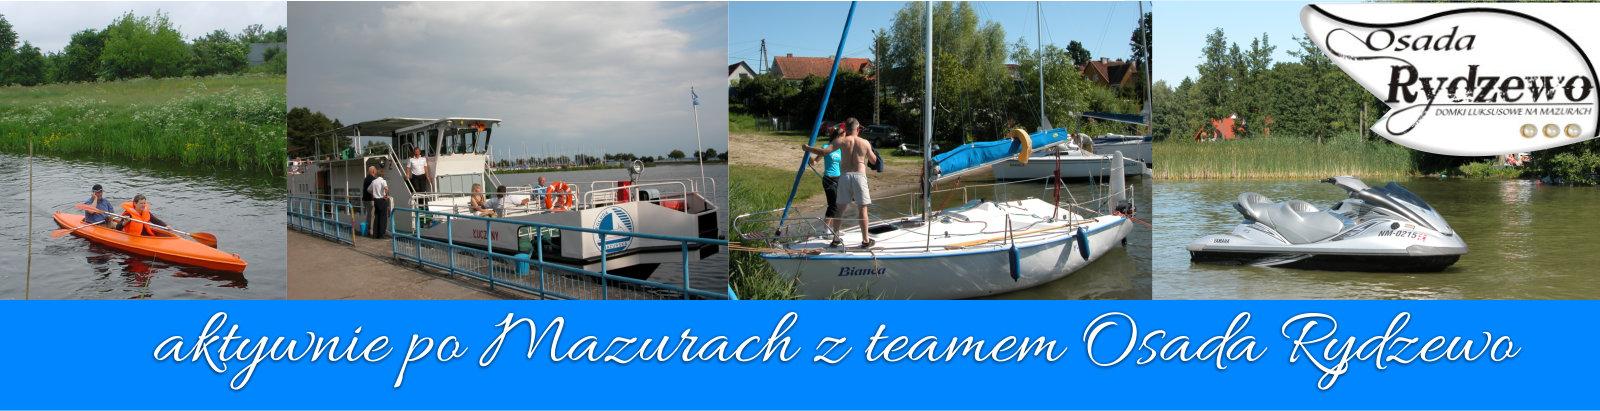 Aktywnie po Mazurach z teamem Osada Rydzewo